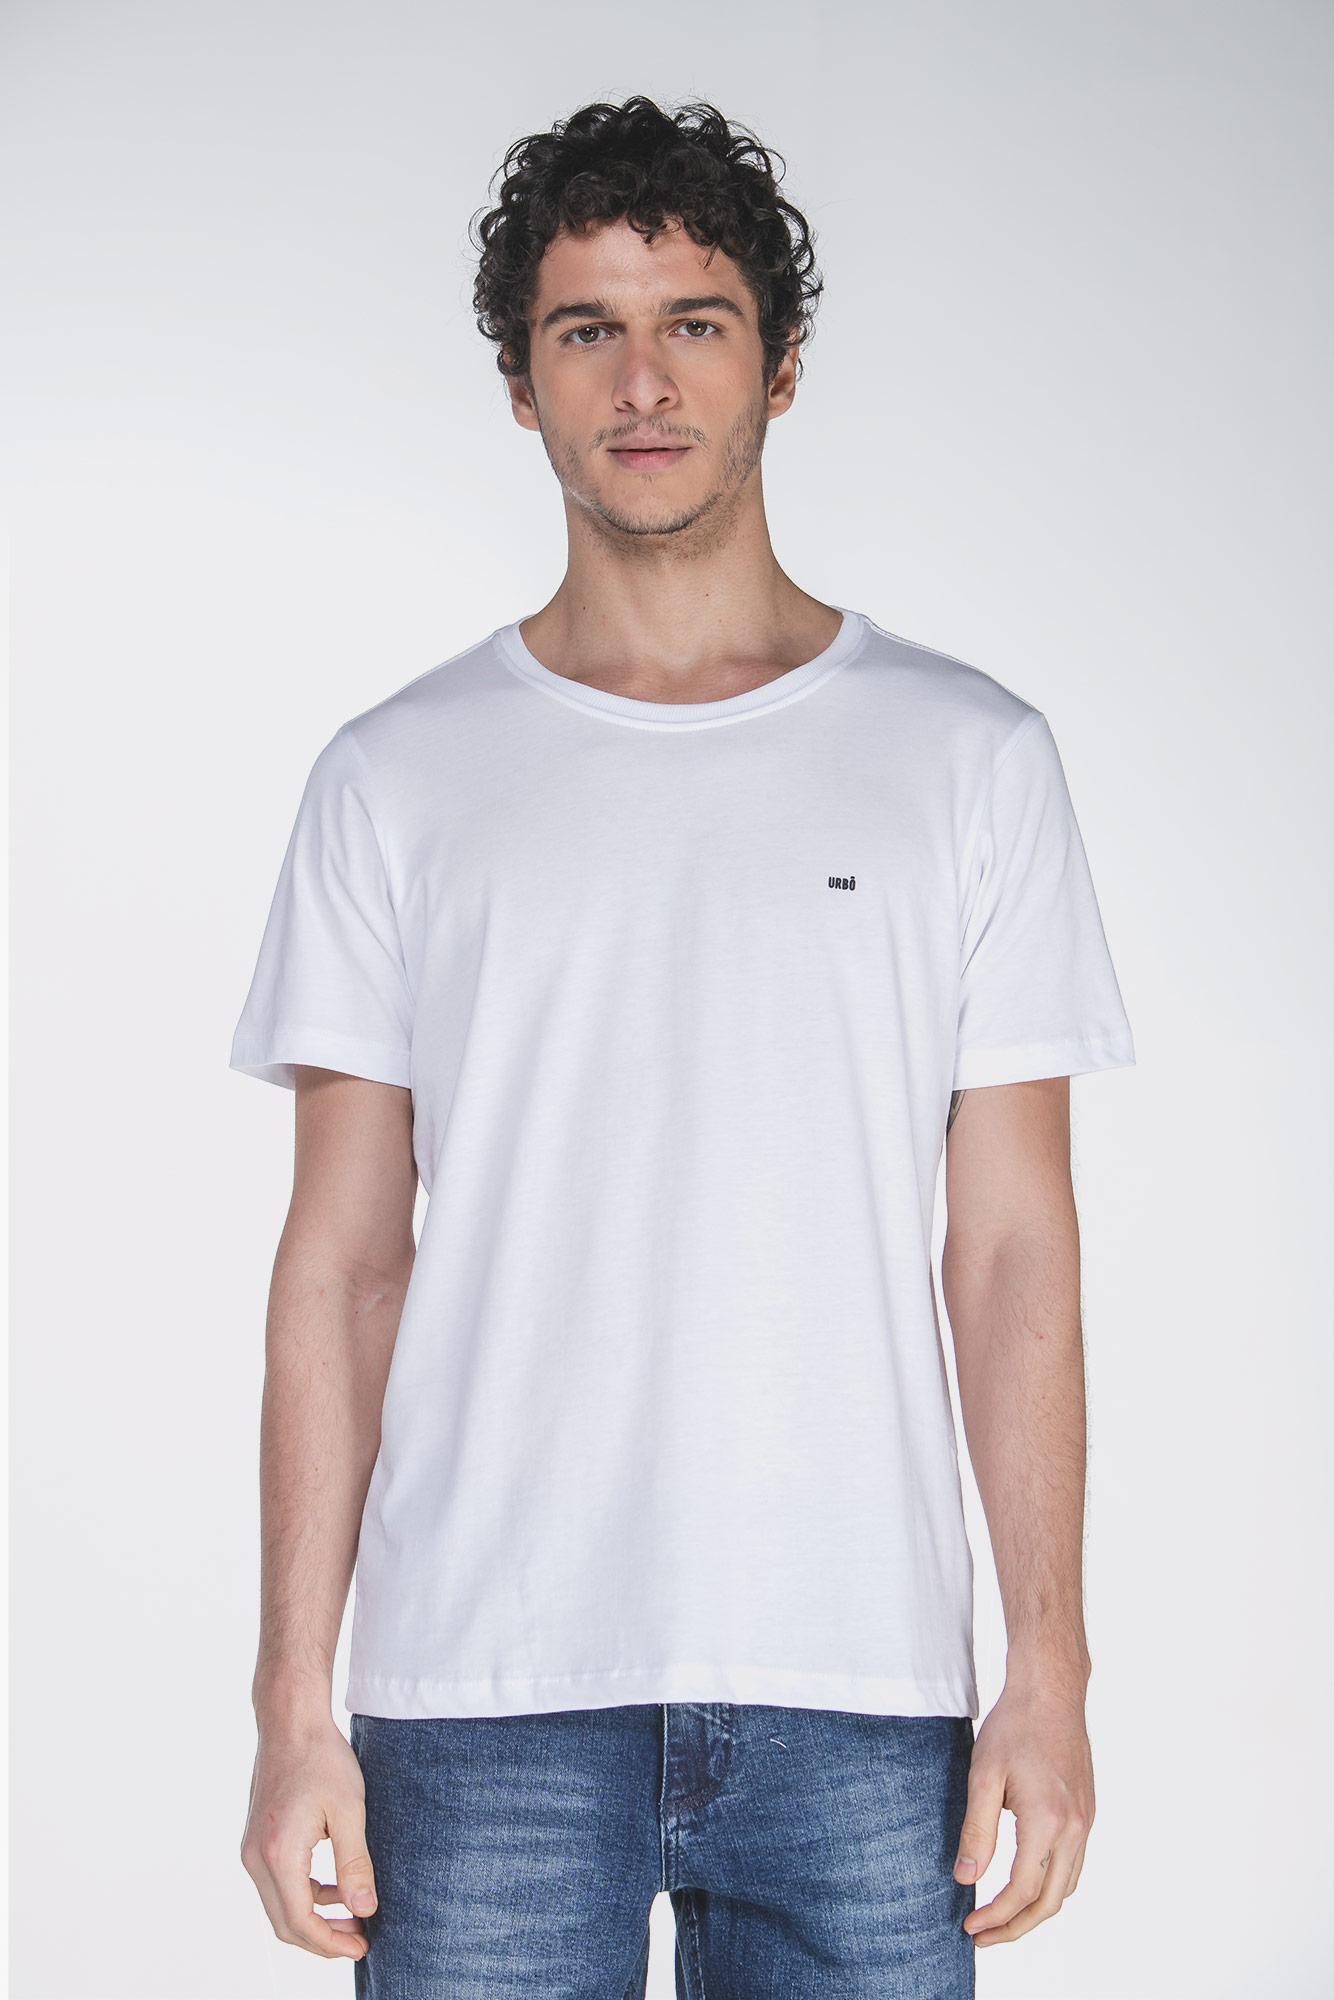 Camiseta Cotton Egypt Branco/Preto